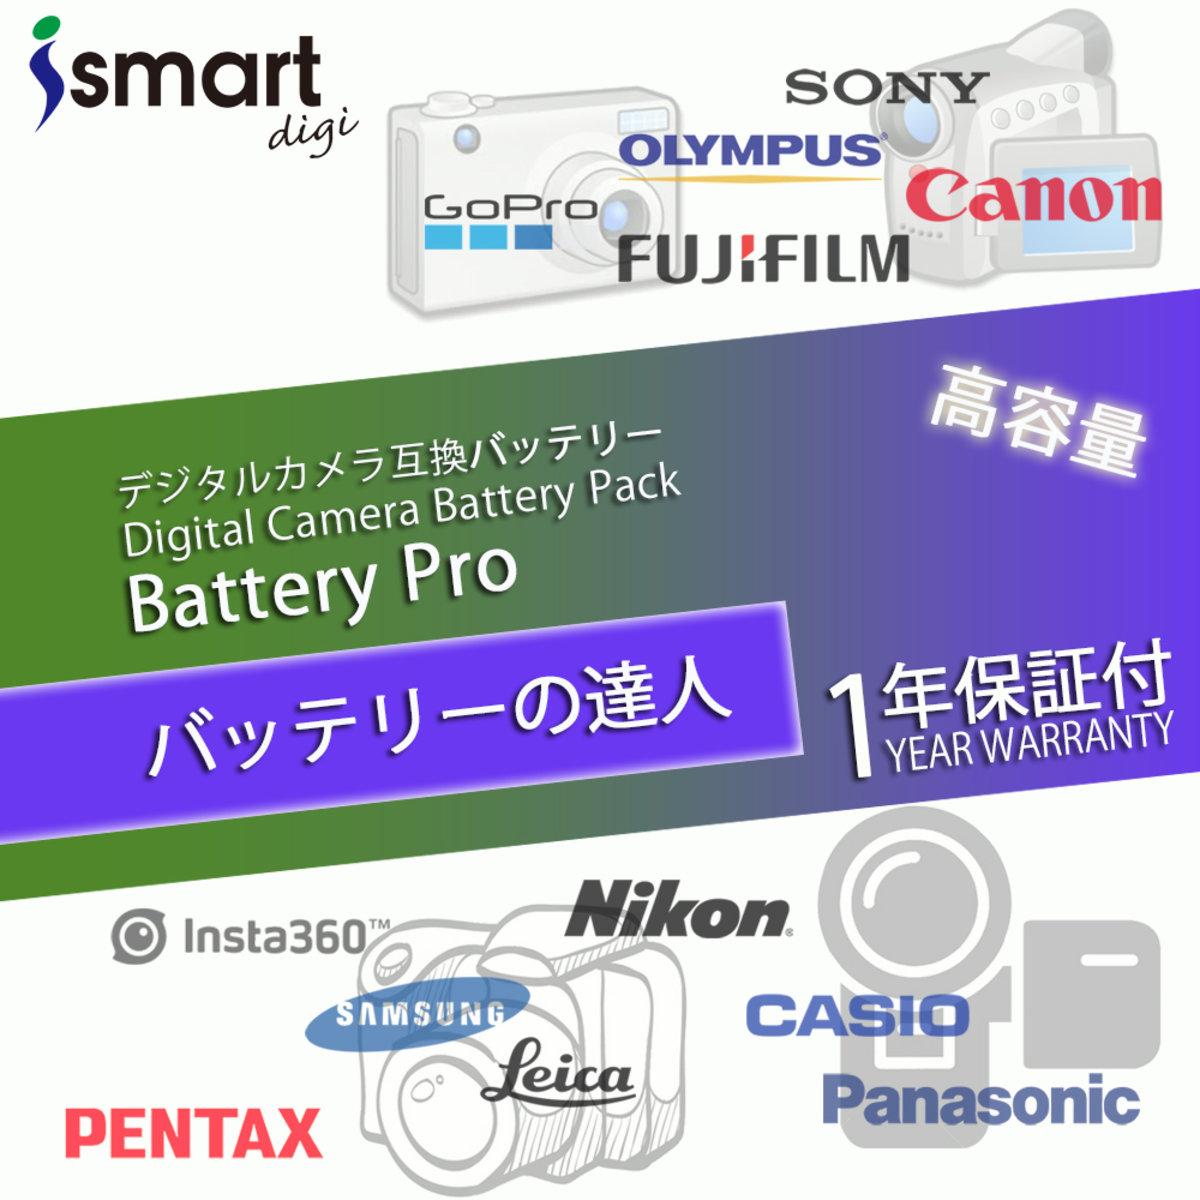 Olympus Digital Camera Battery (For: E-PL2,E-PL3, E-PM1,E-P3,STYLUS 1,E-PL6,E-PL5 ,E-PL7,(PEN lite),E-PM2 (PEN mini))